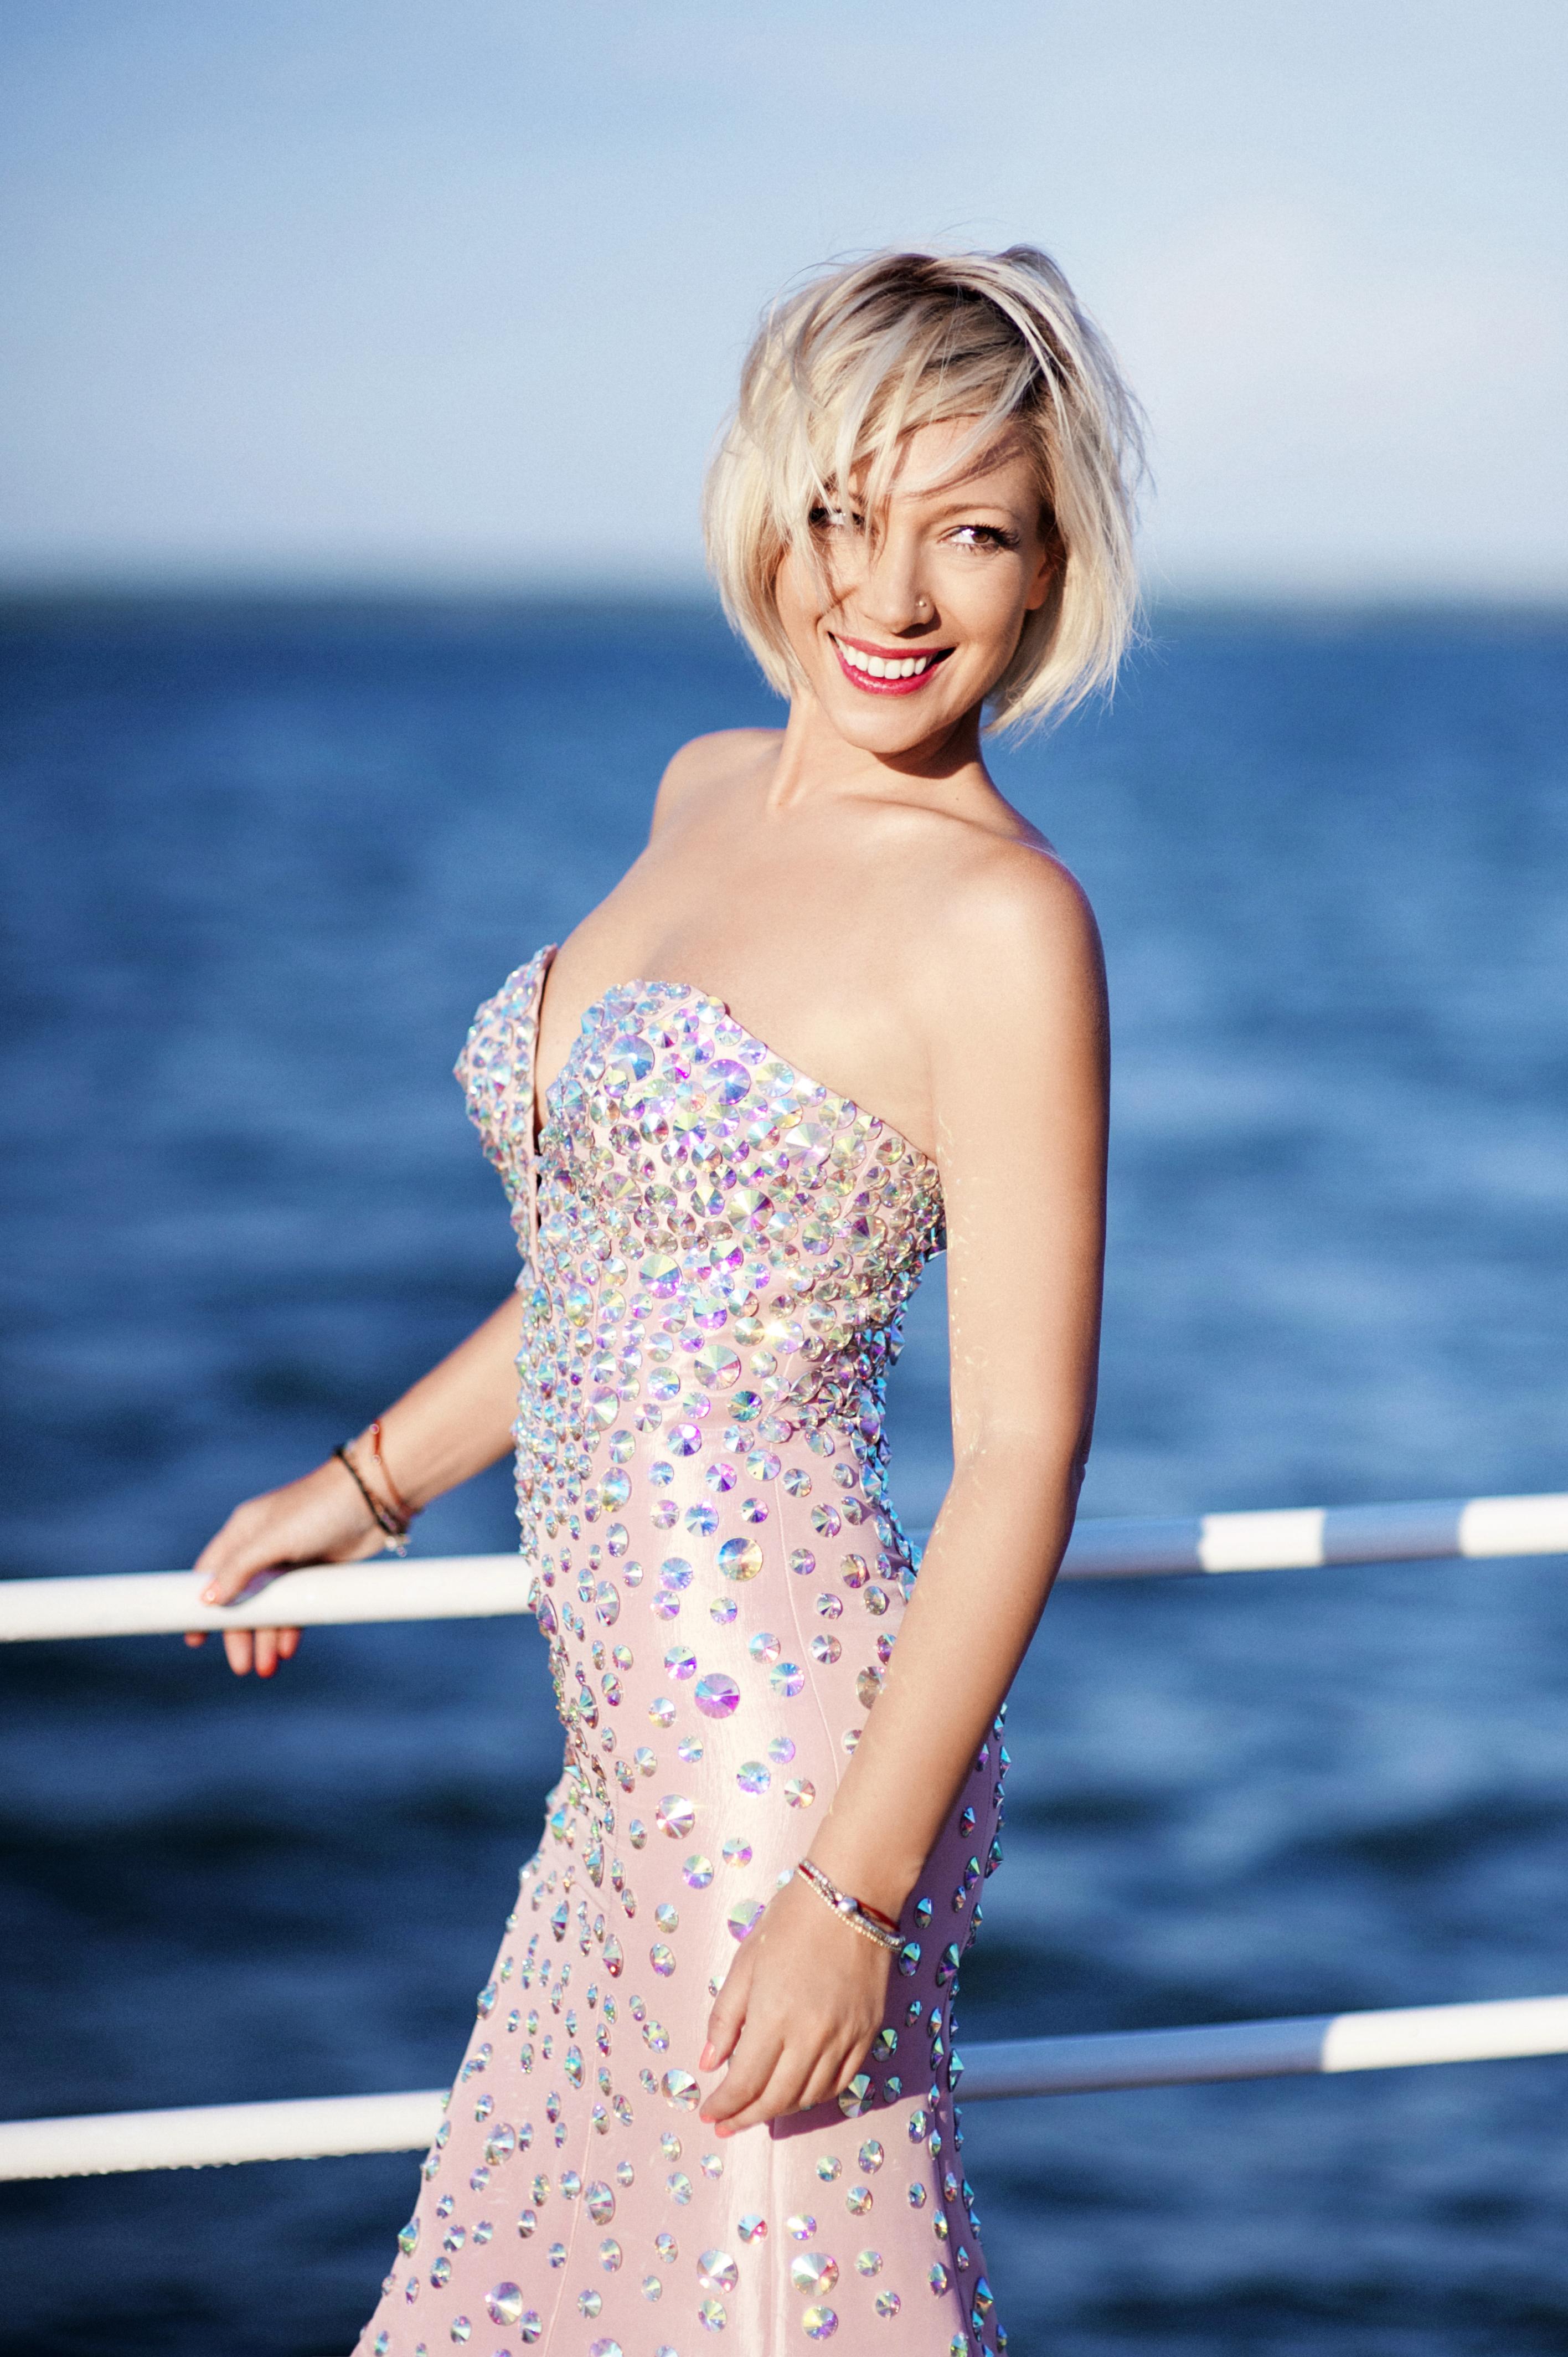 Aurora (Irina Yudina) photo, biography of the presenter, actress 2018 79